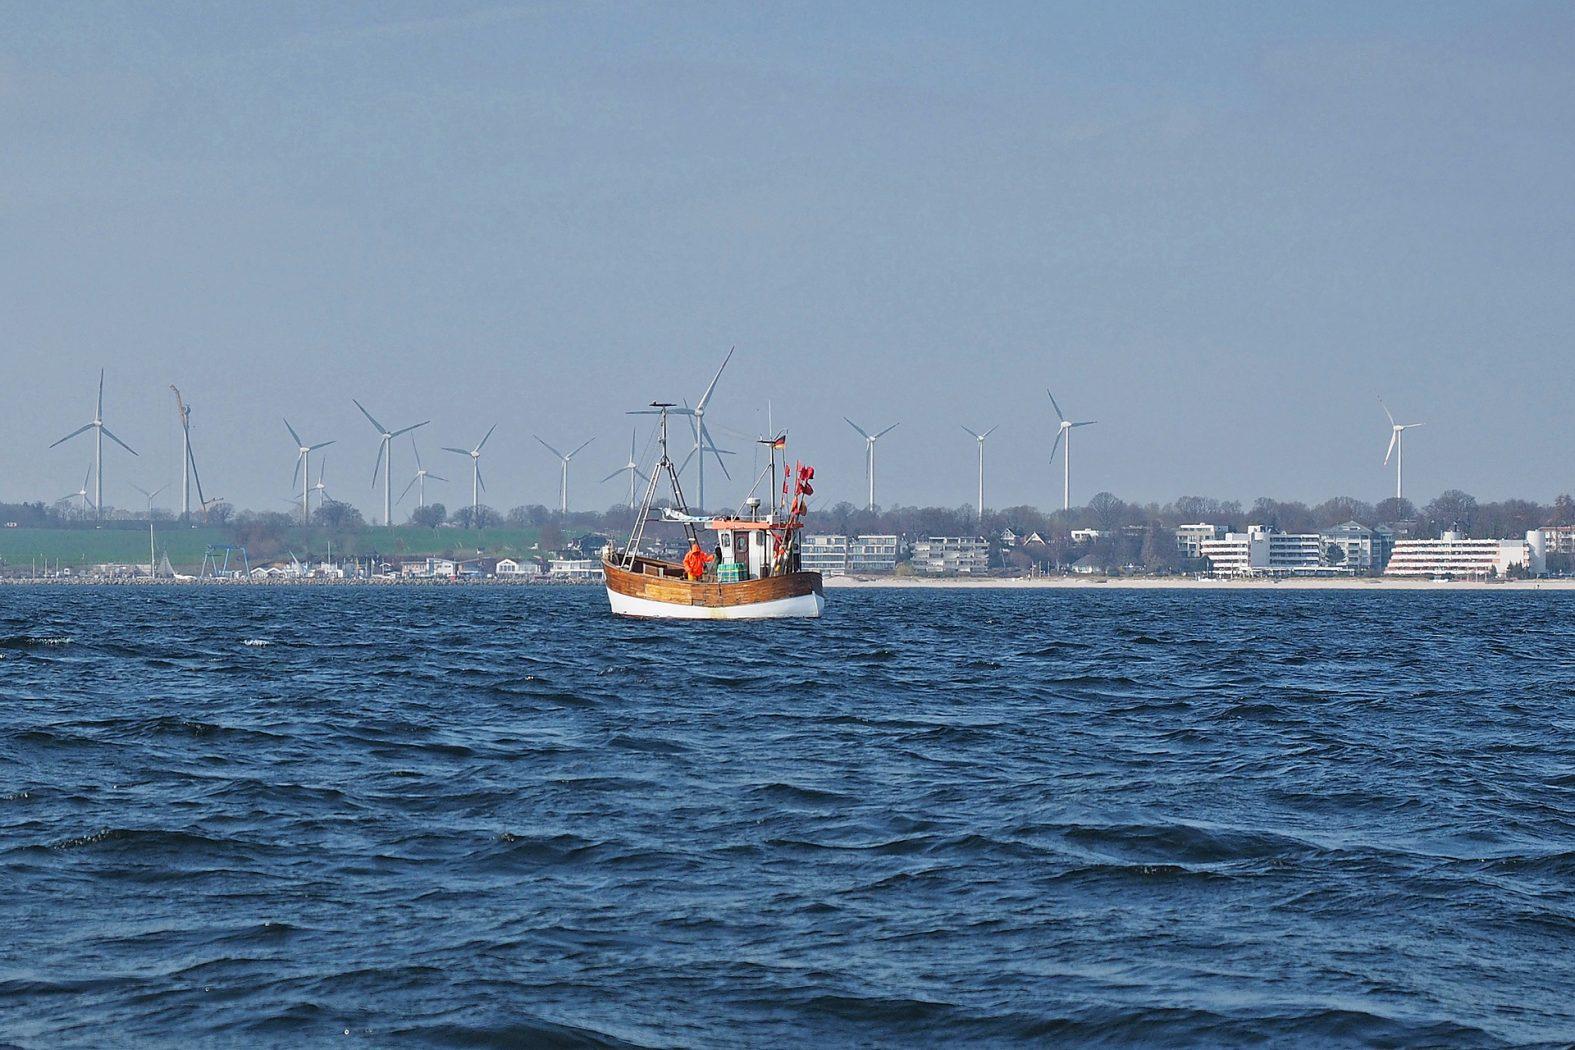 Dorsche angeln auf der Ostsee